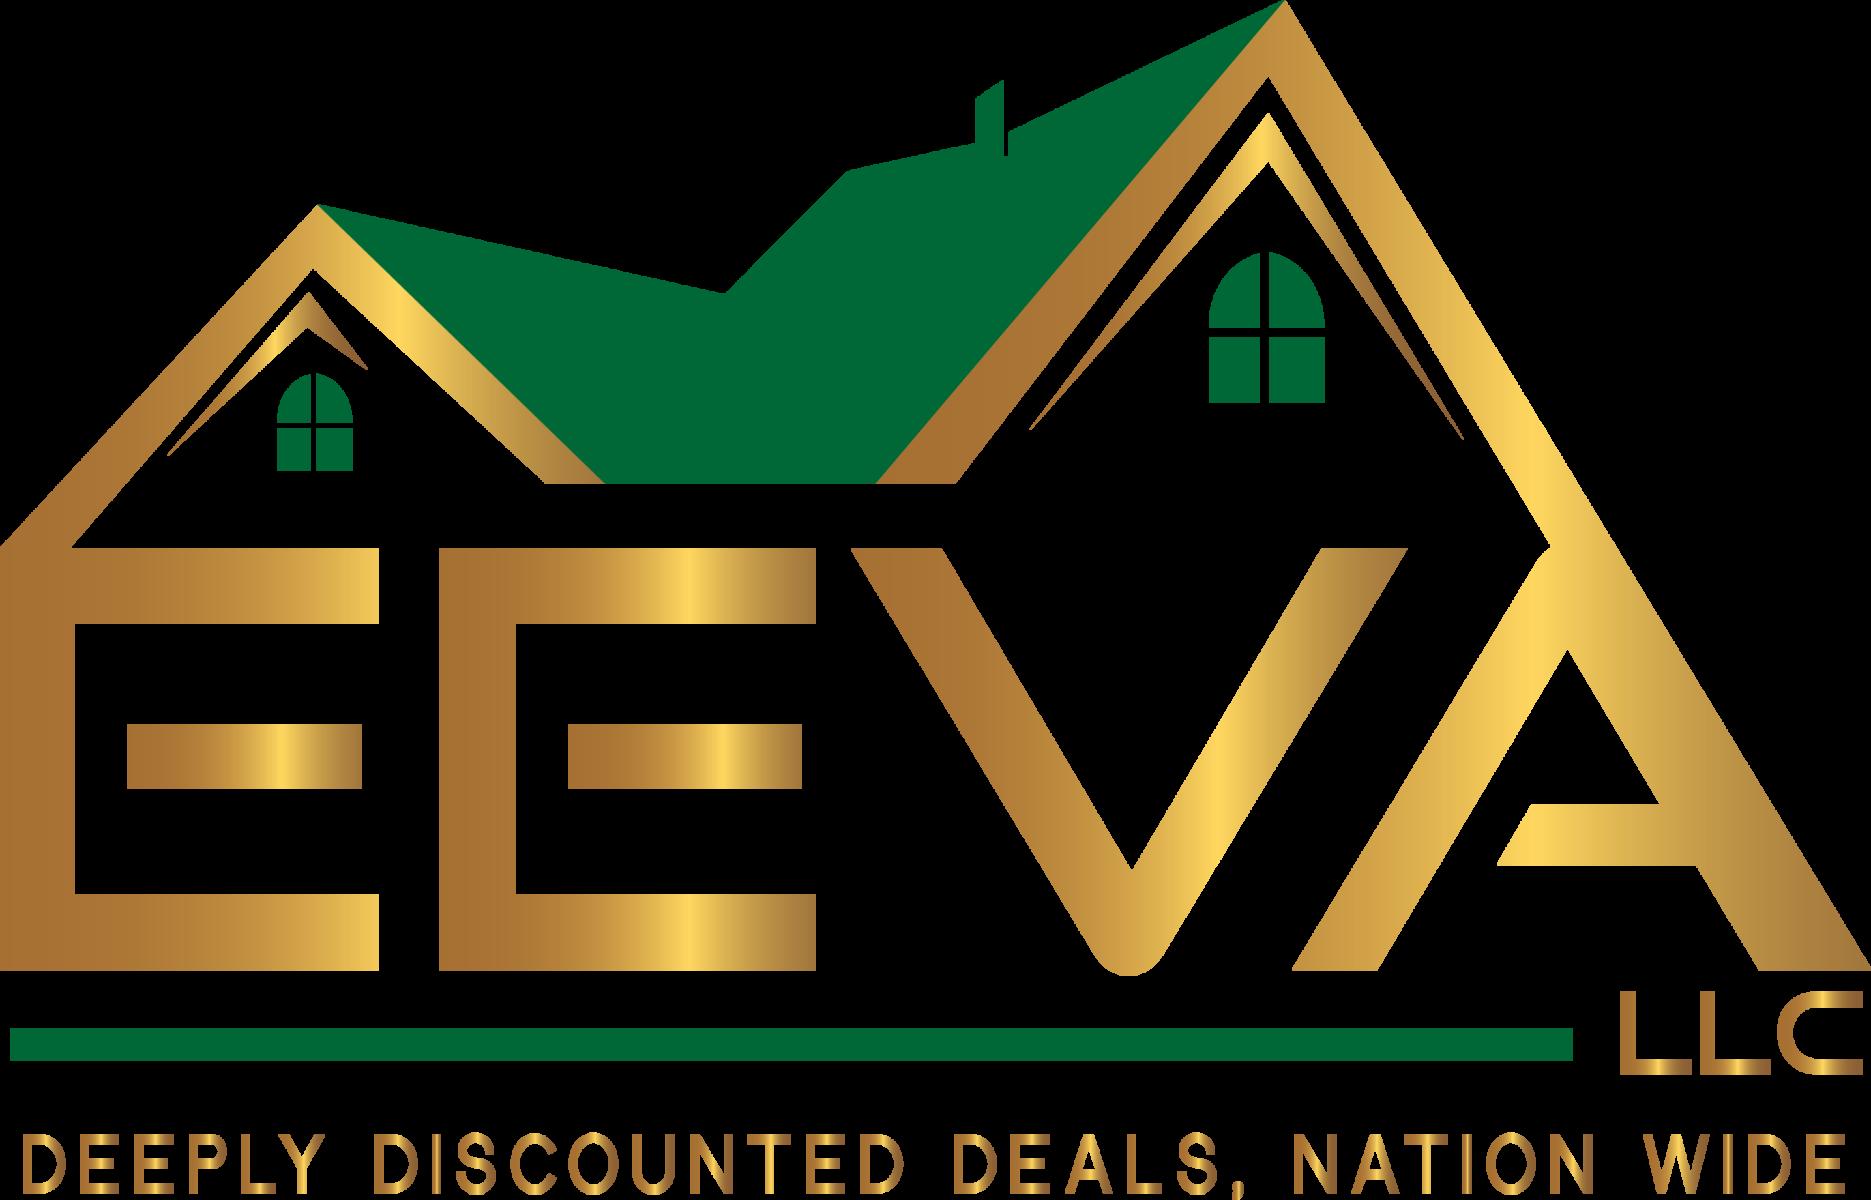 Eeva LLC logo